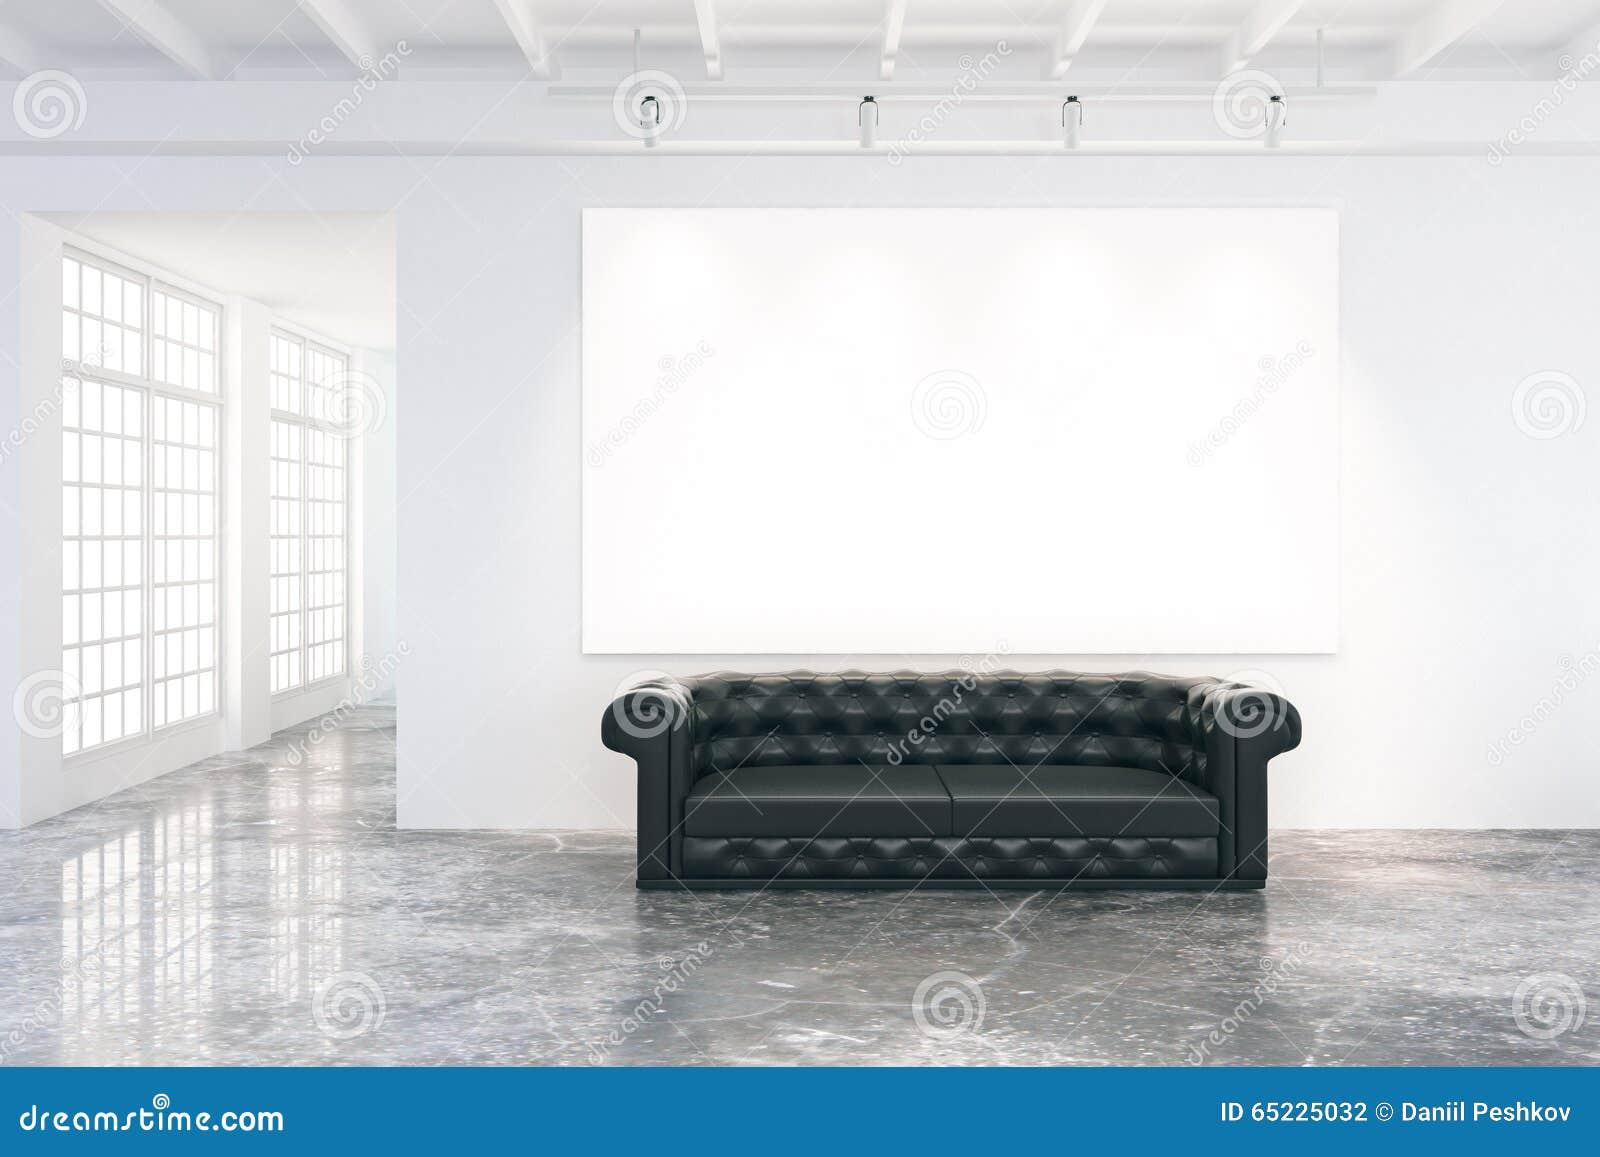 Pusty plakat na ścianie w loft pokoju z czarną rzemienną kanapą